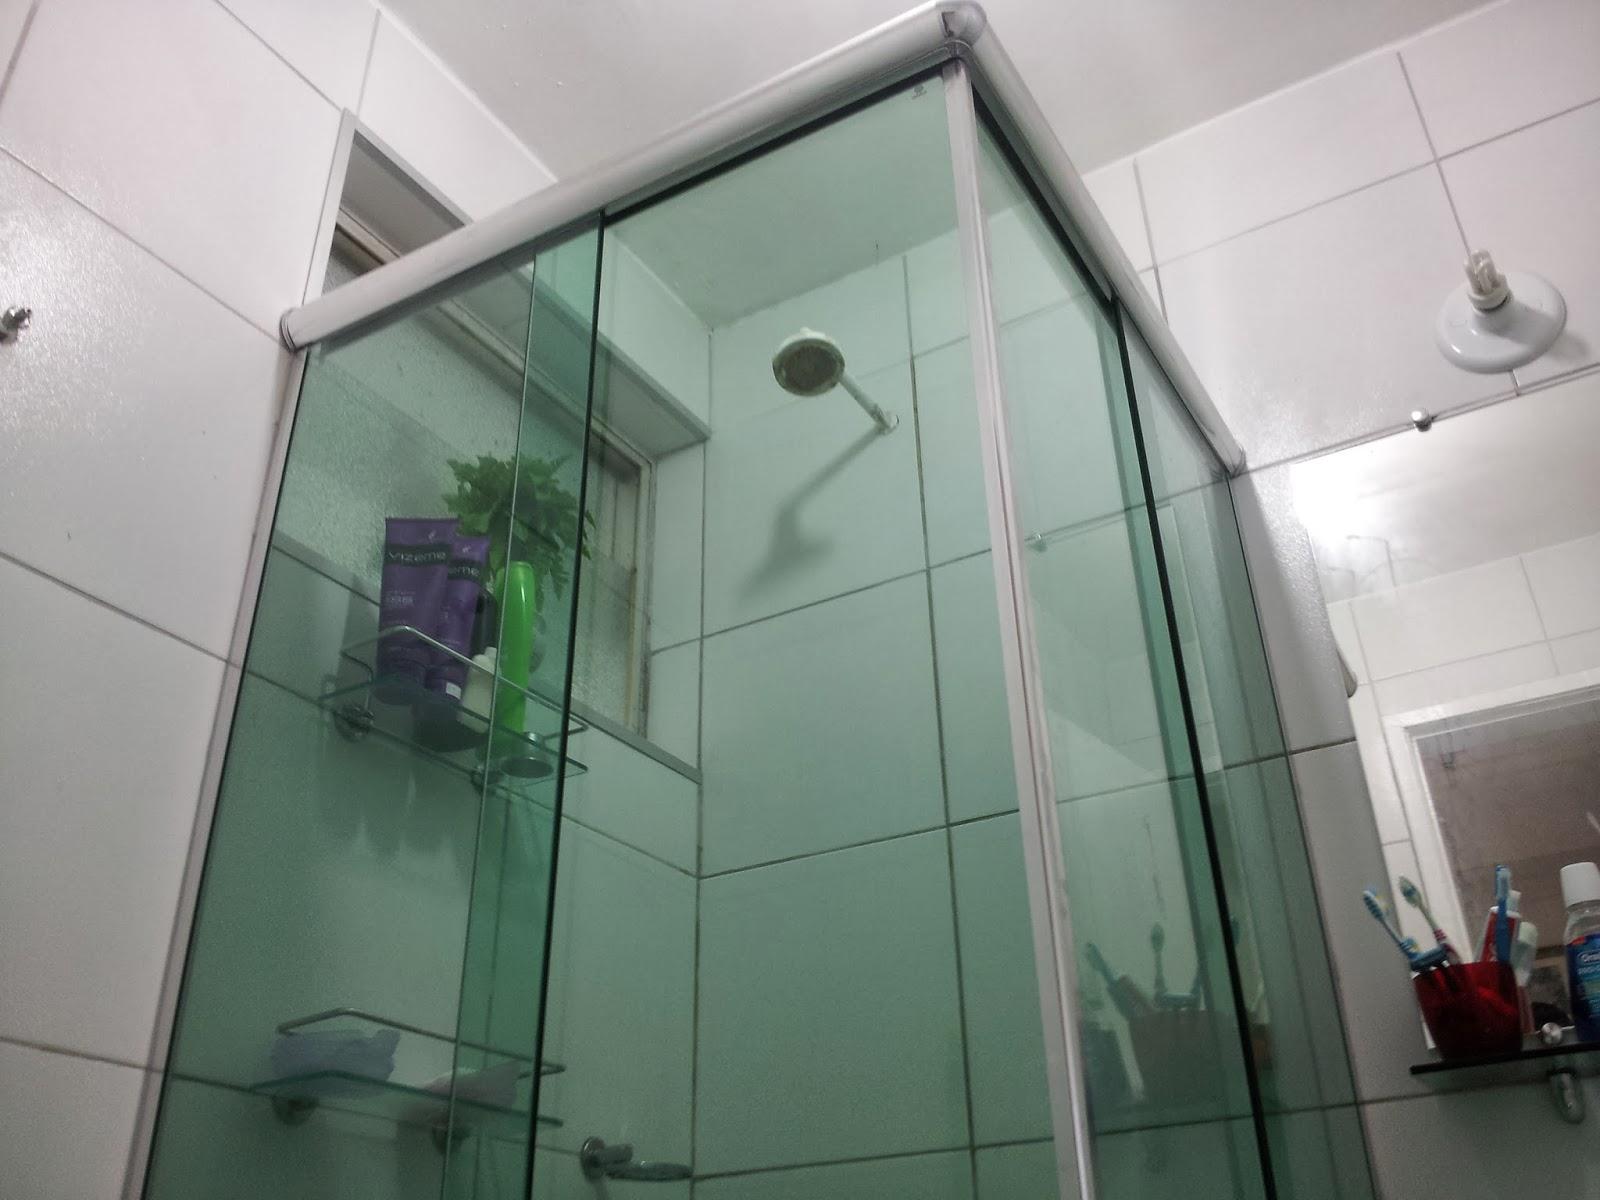 Imagens de #445F4E CRIATIVO VIDRAÇARIA : BOX DE VIDRO PARA BANHEIRO EM FORTALEZA 1600x1200 px 2330 Box De Vidro Para Banheiro Brasilia